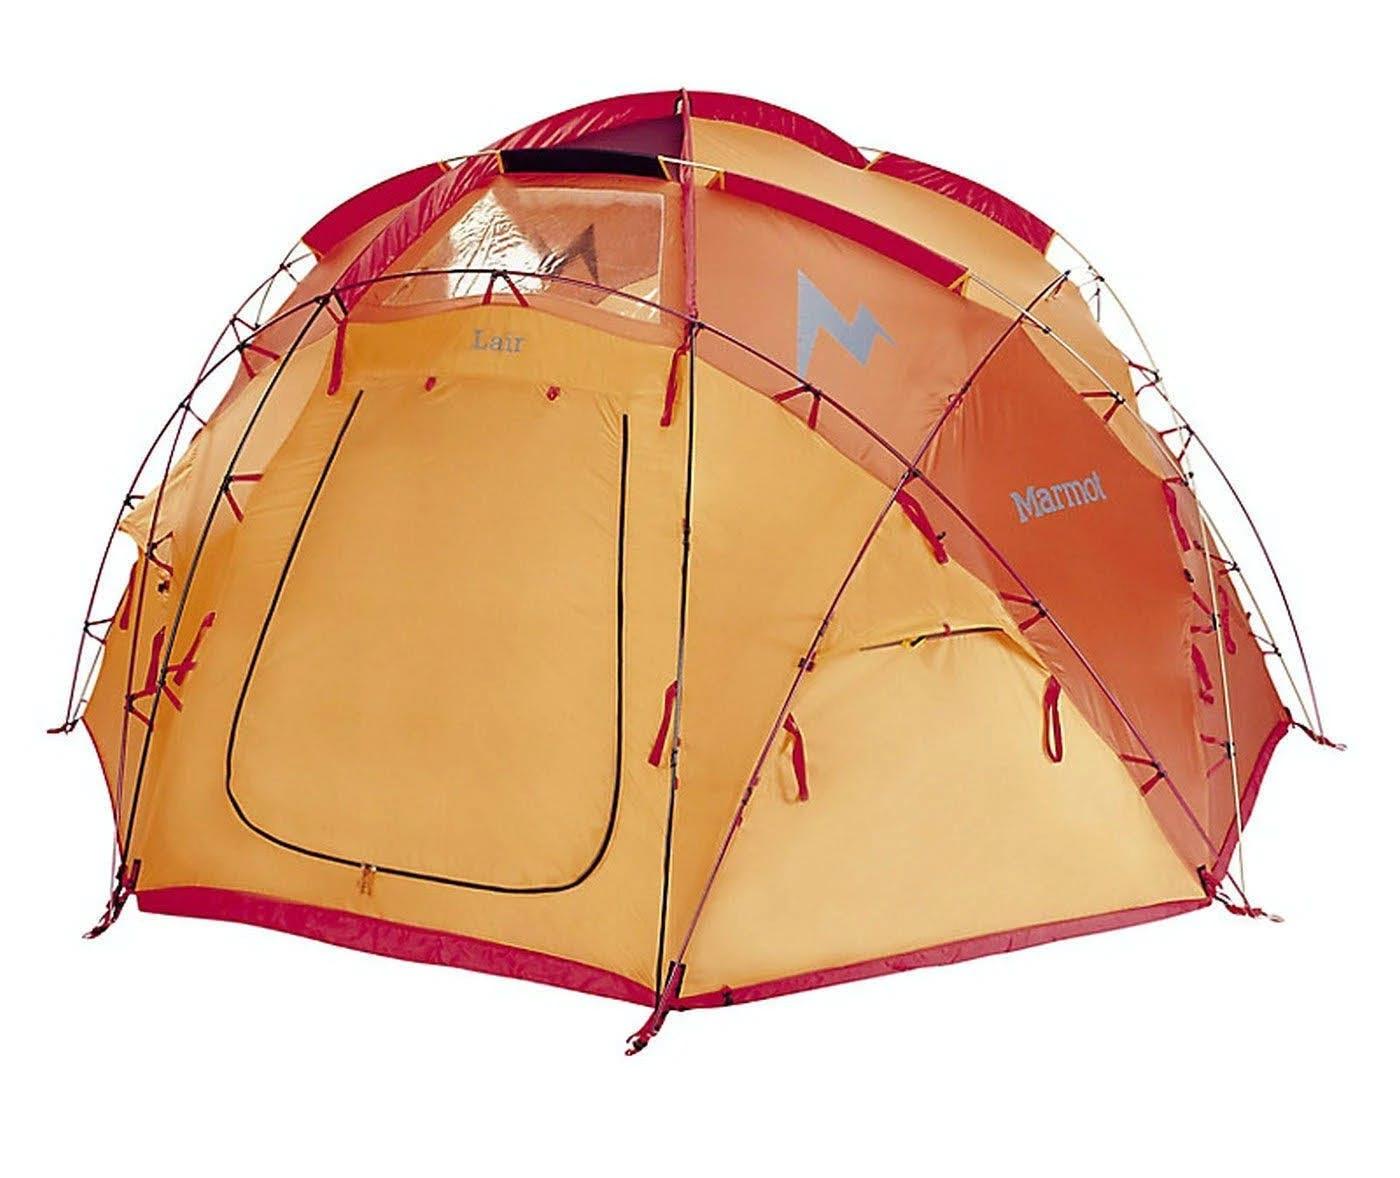 Marmot Lair 8p - 8 Person Tent